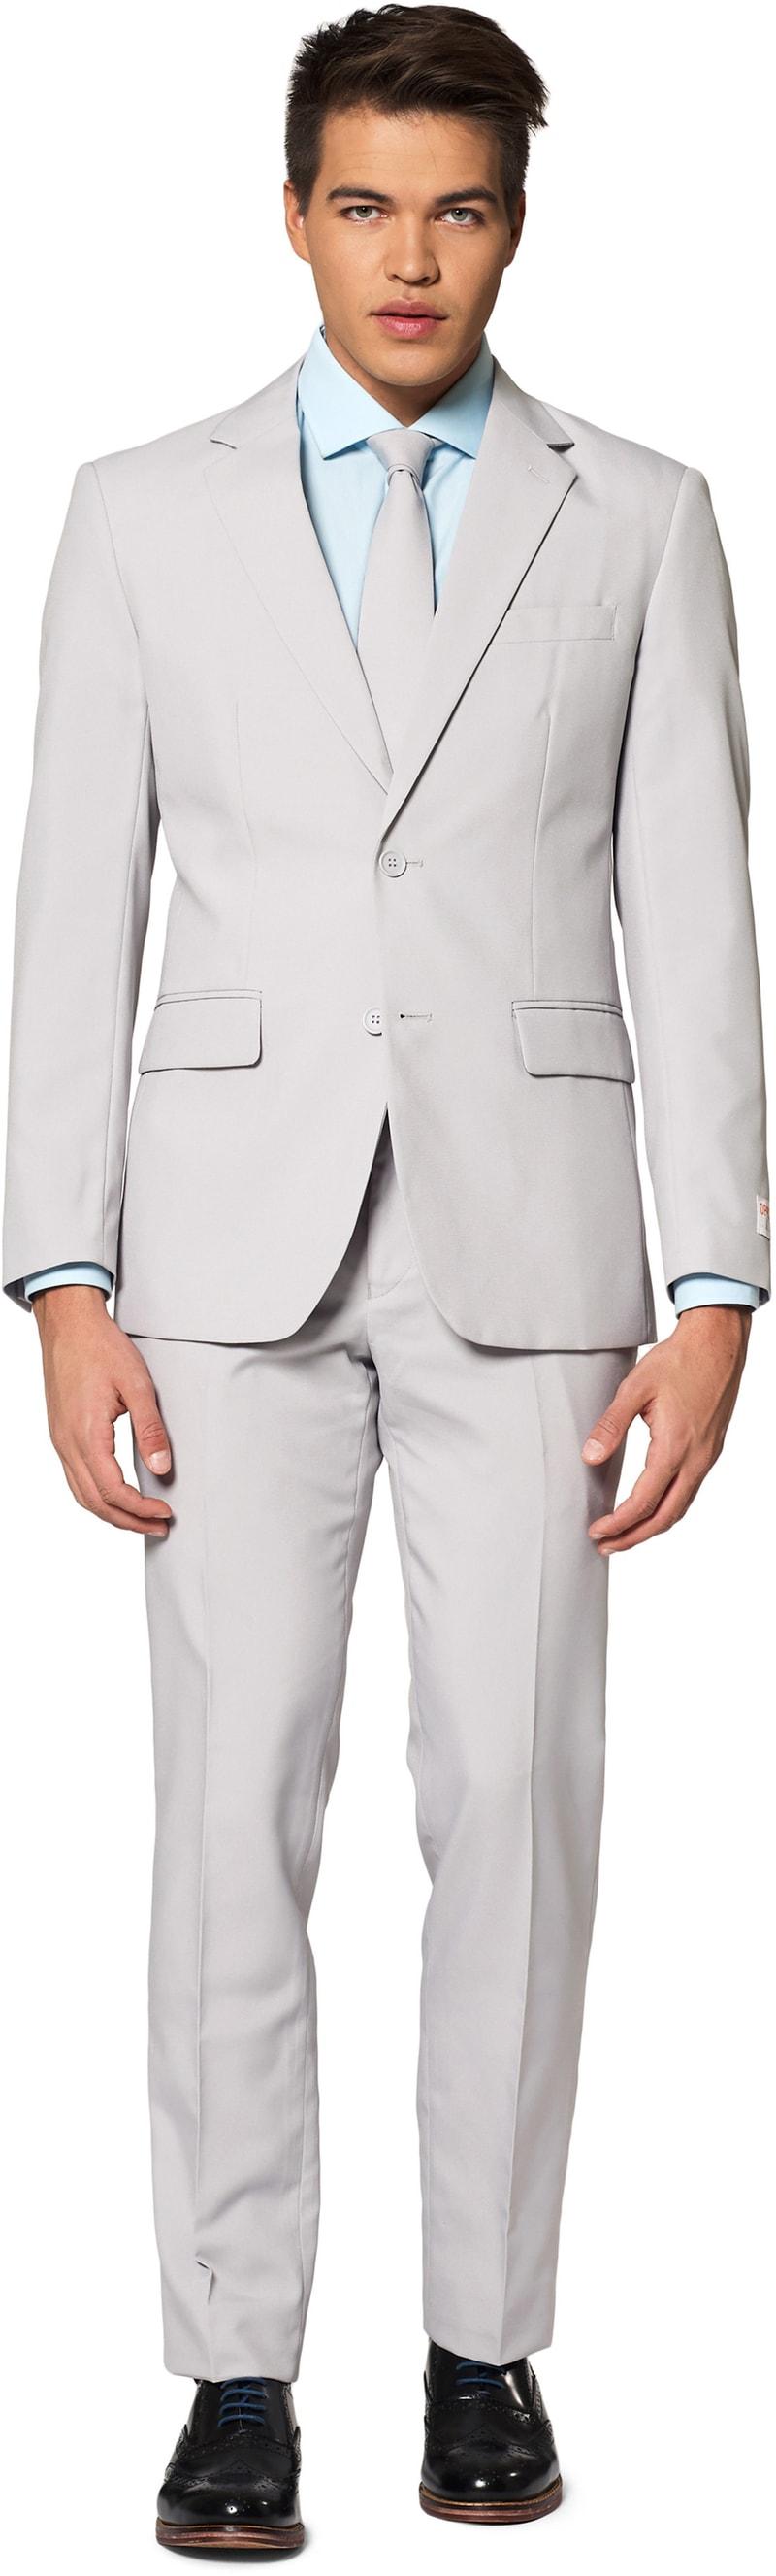 OppoSuits Kostuum Groovy Grey foto 0